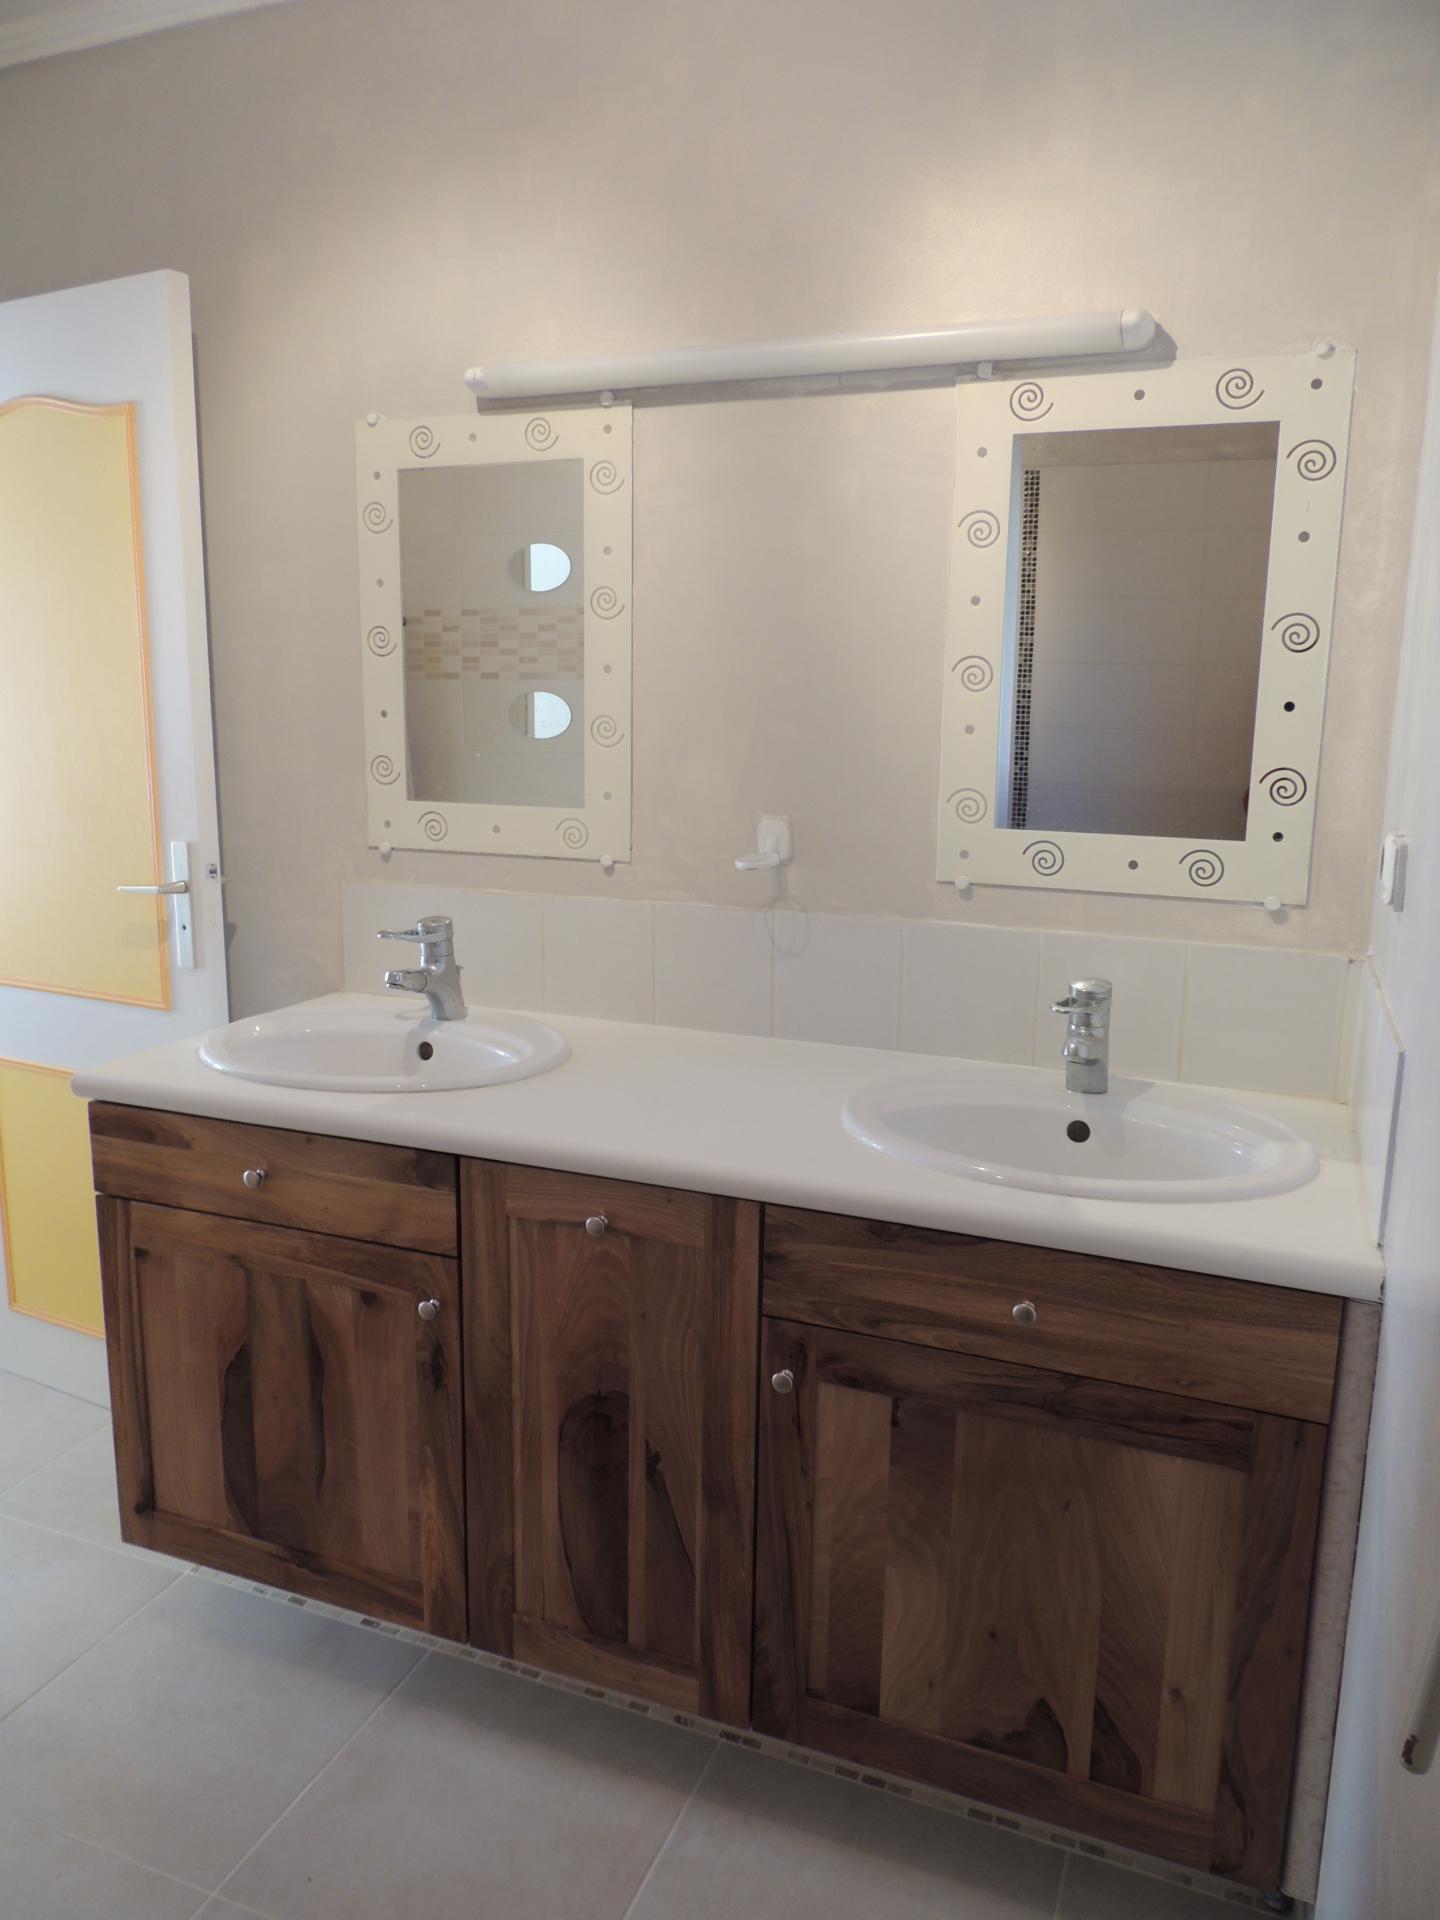 Salle de bain wc for Relooker salle de bain